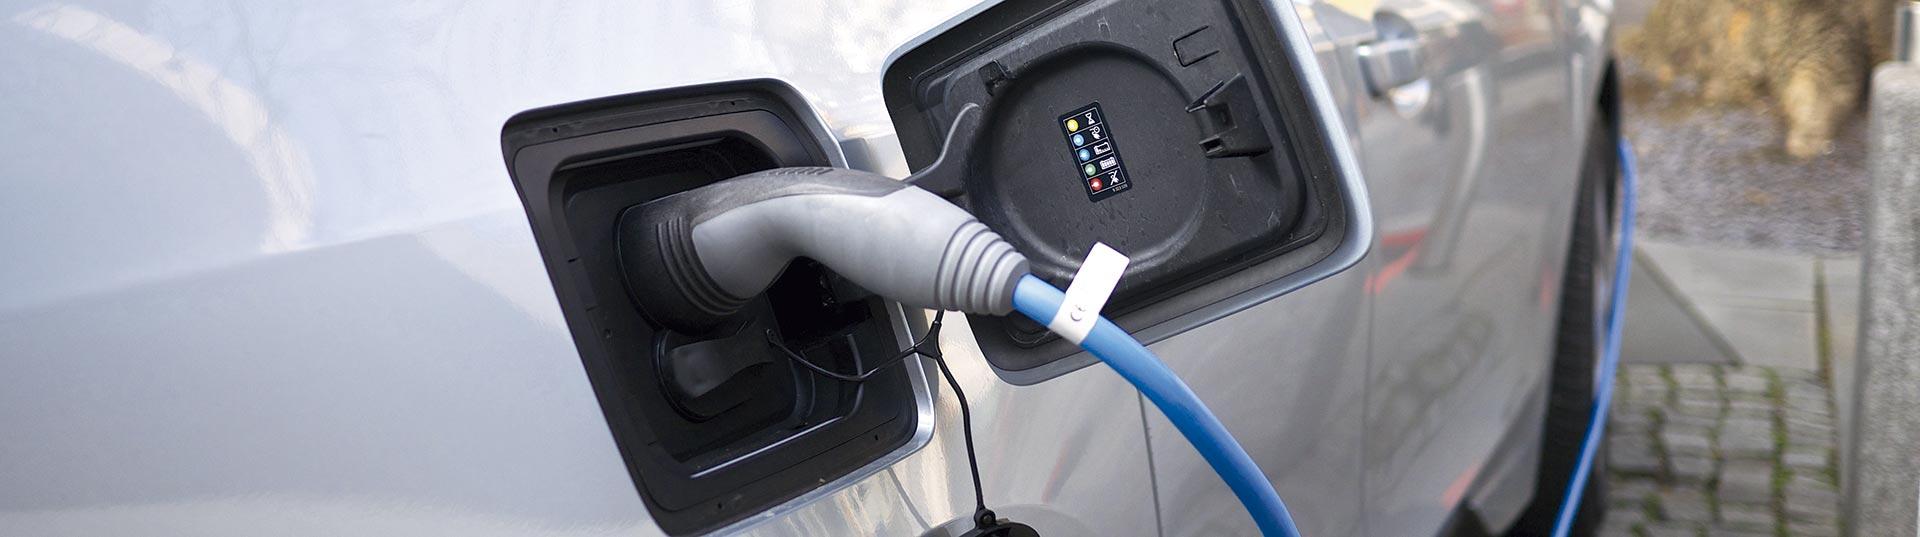 BMW i3_charging_port